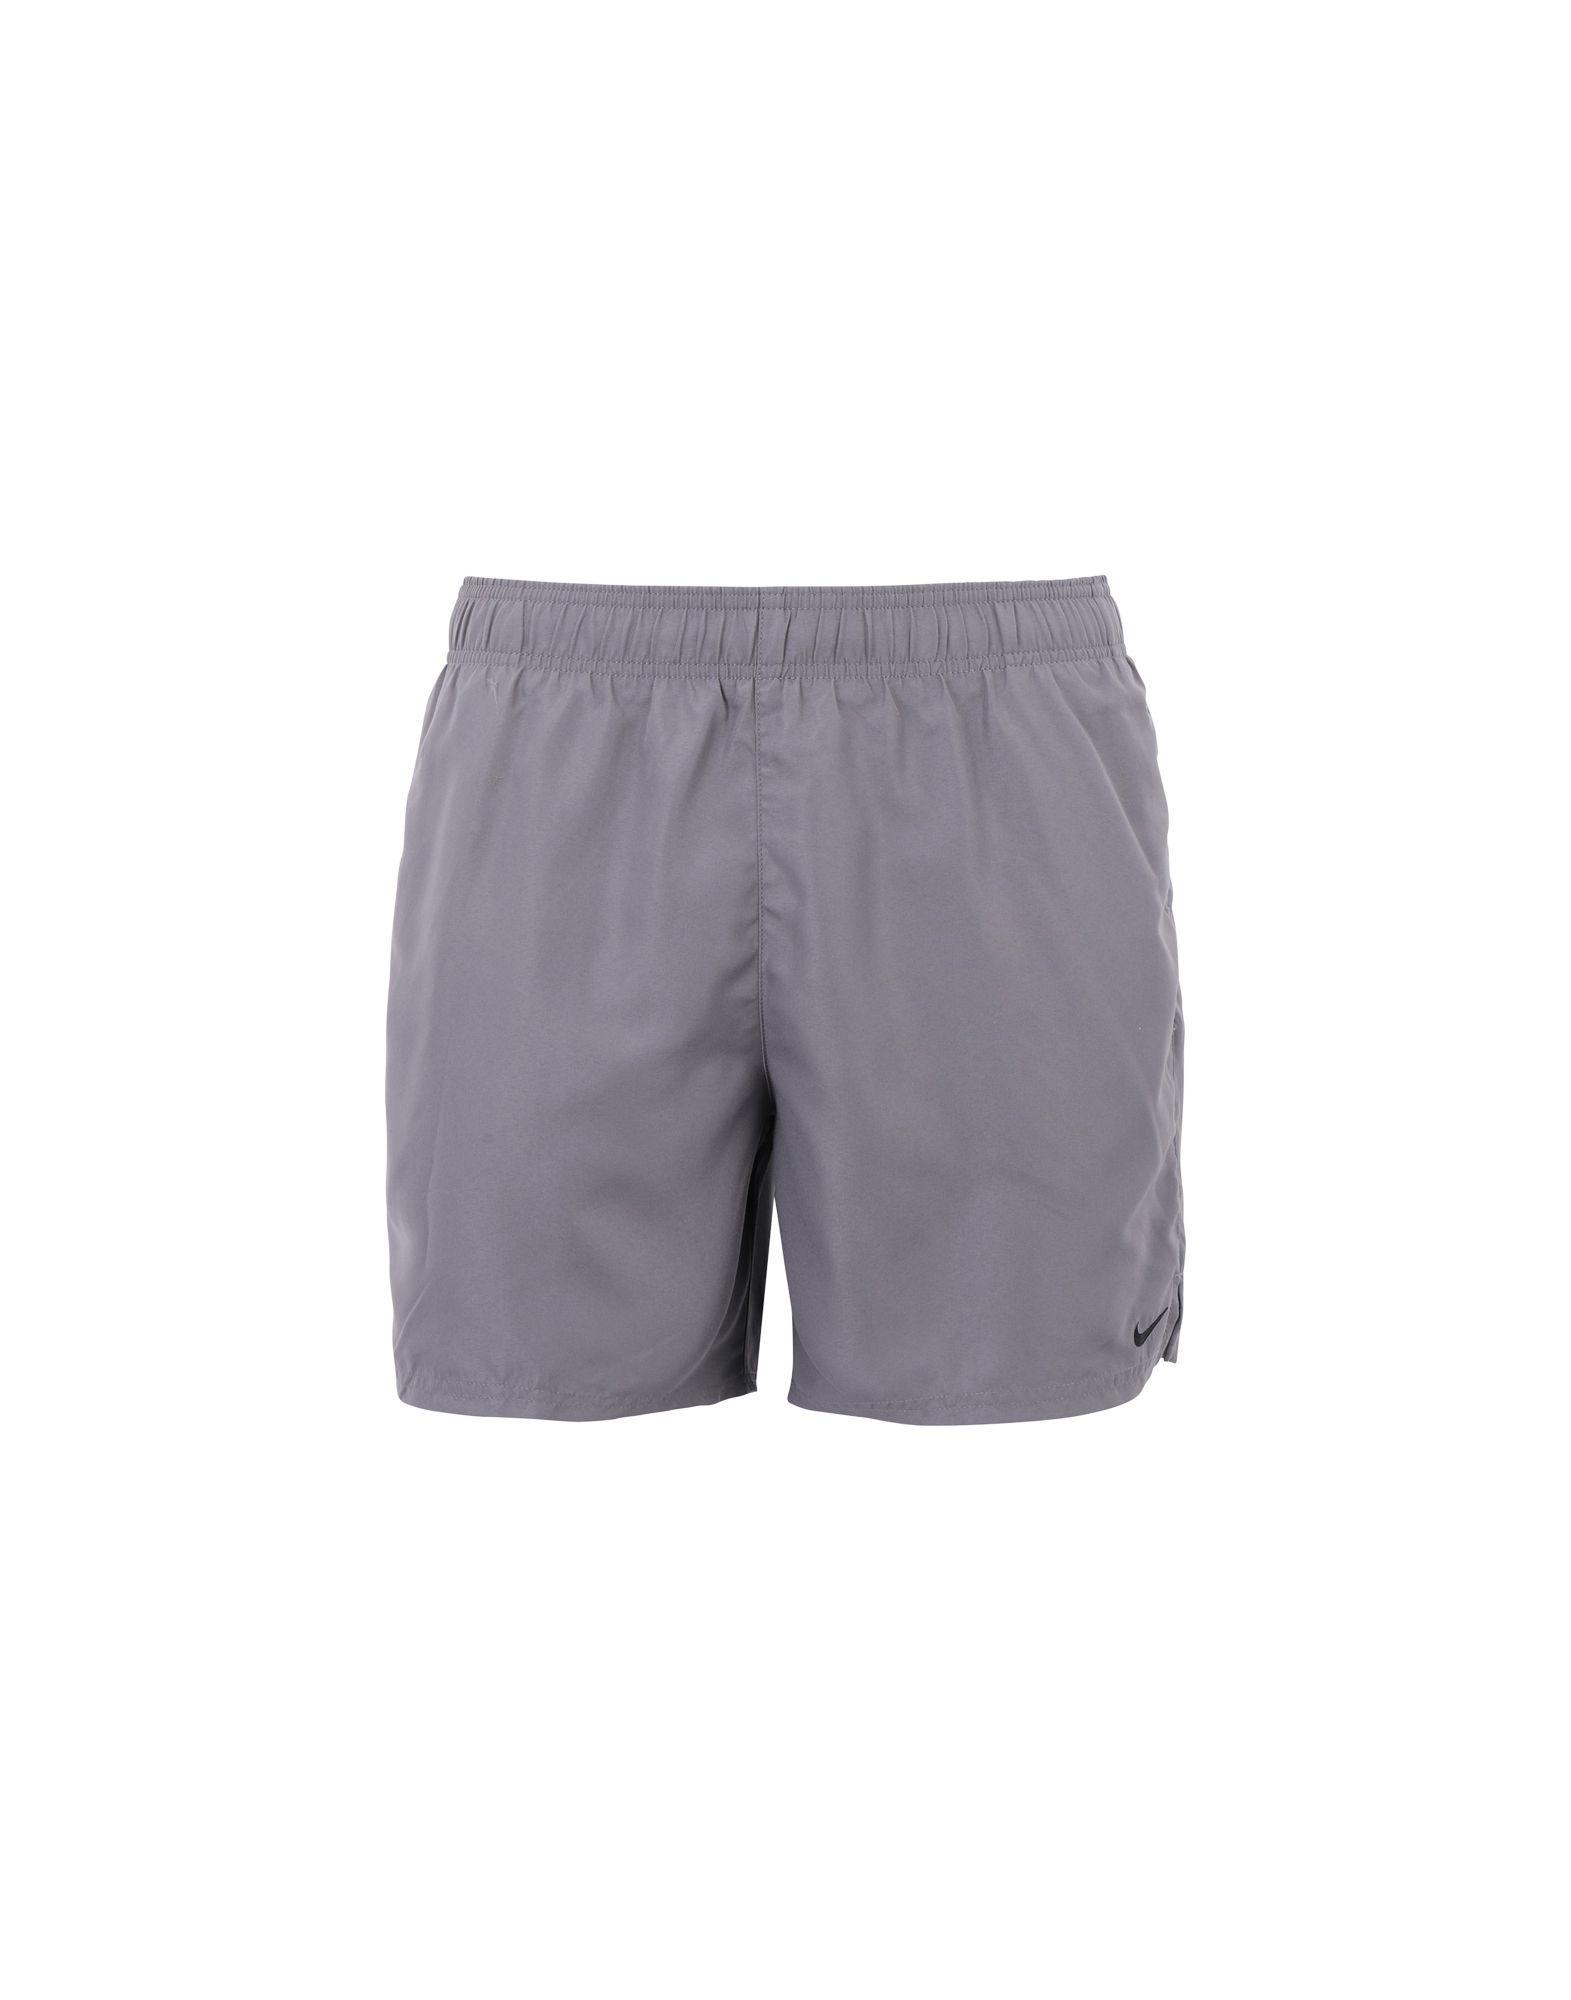 06490b8399 Lyst - Nike Swim Trunks in Gray for Men